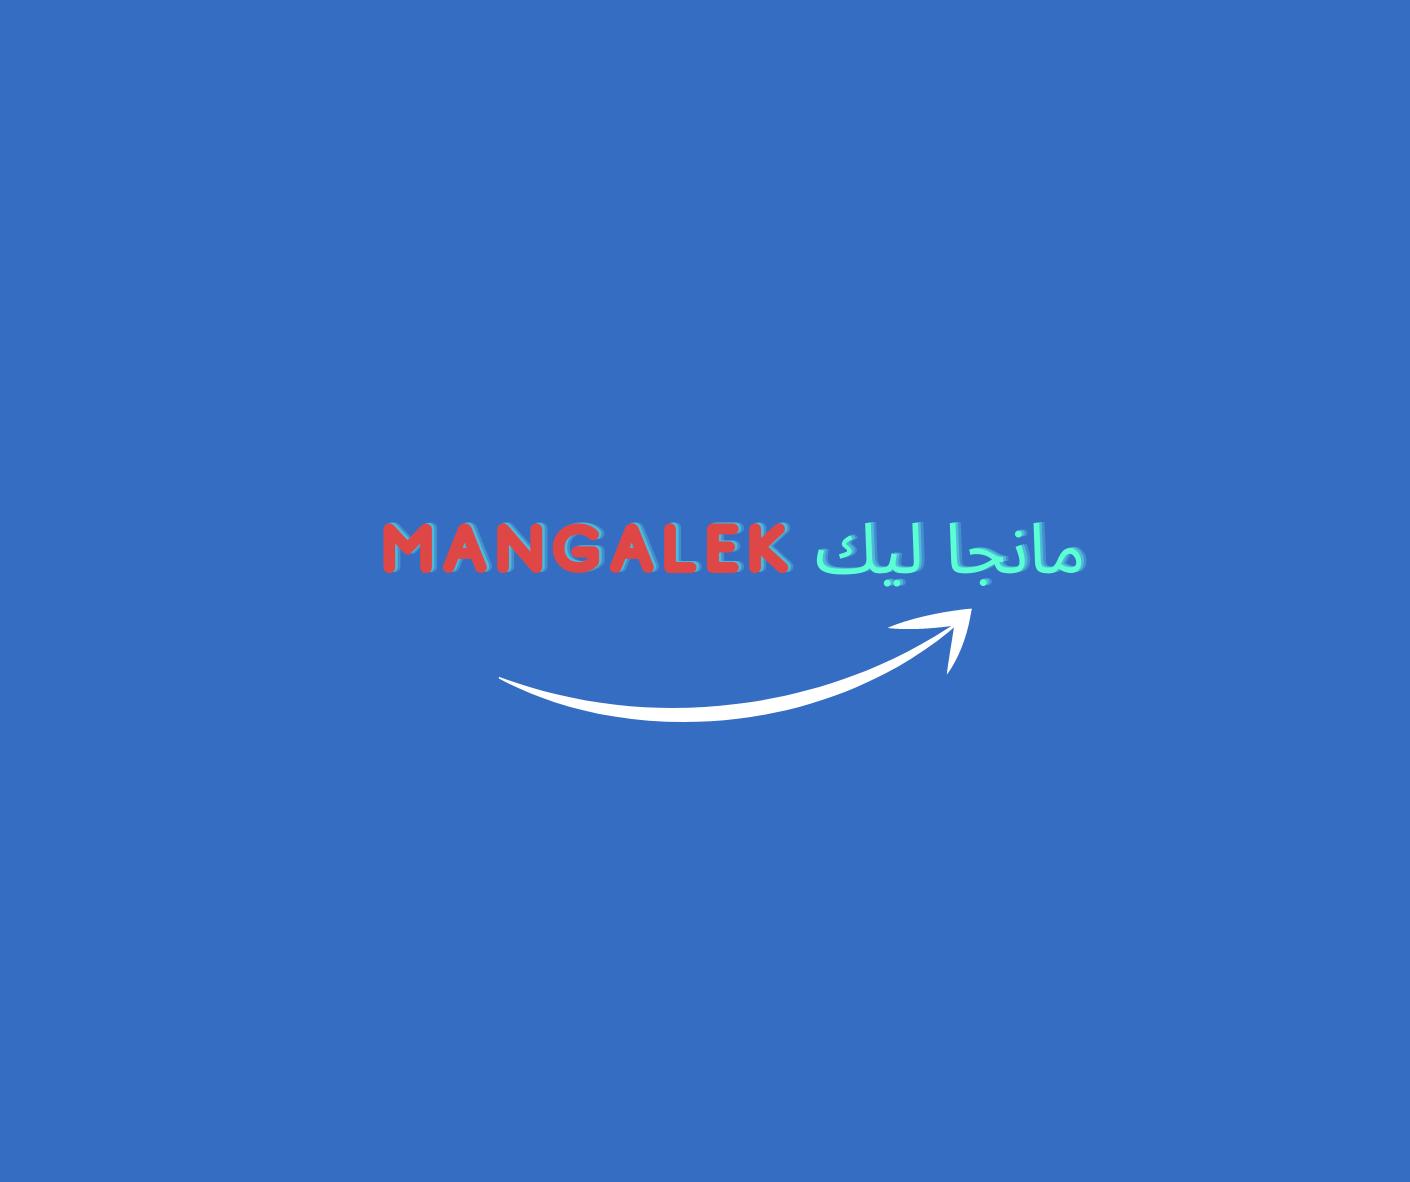 تحميل مانجا ليك mangalek جميع فصول المانجا